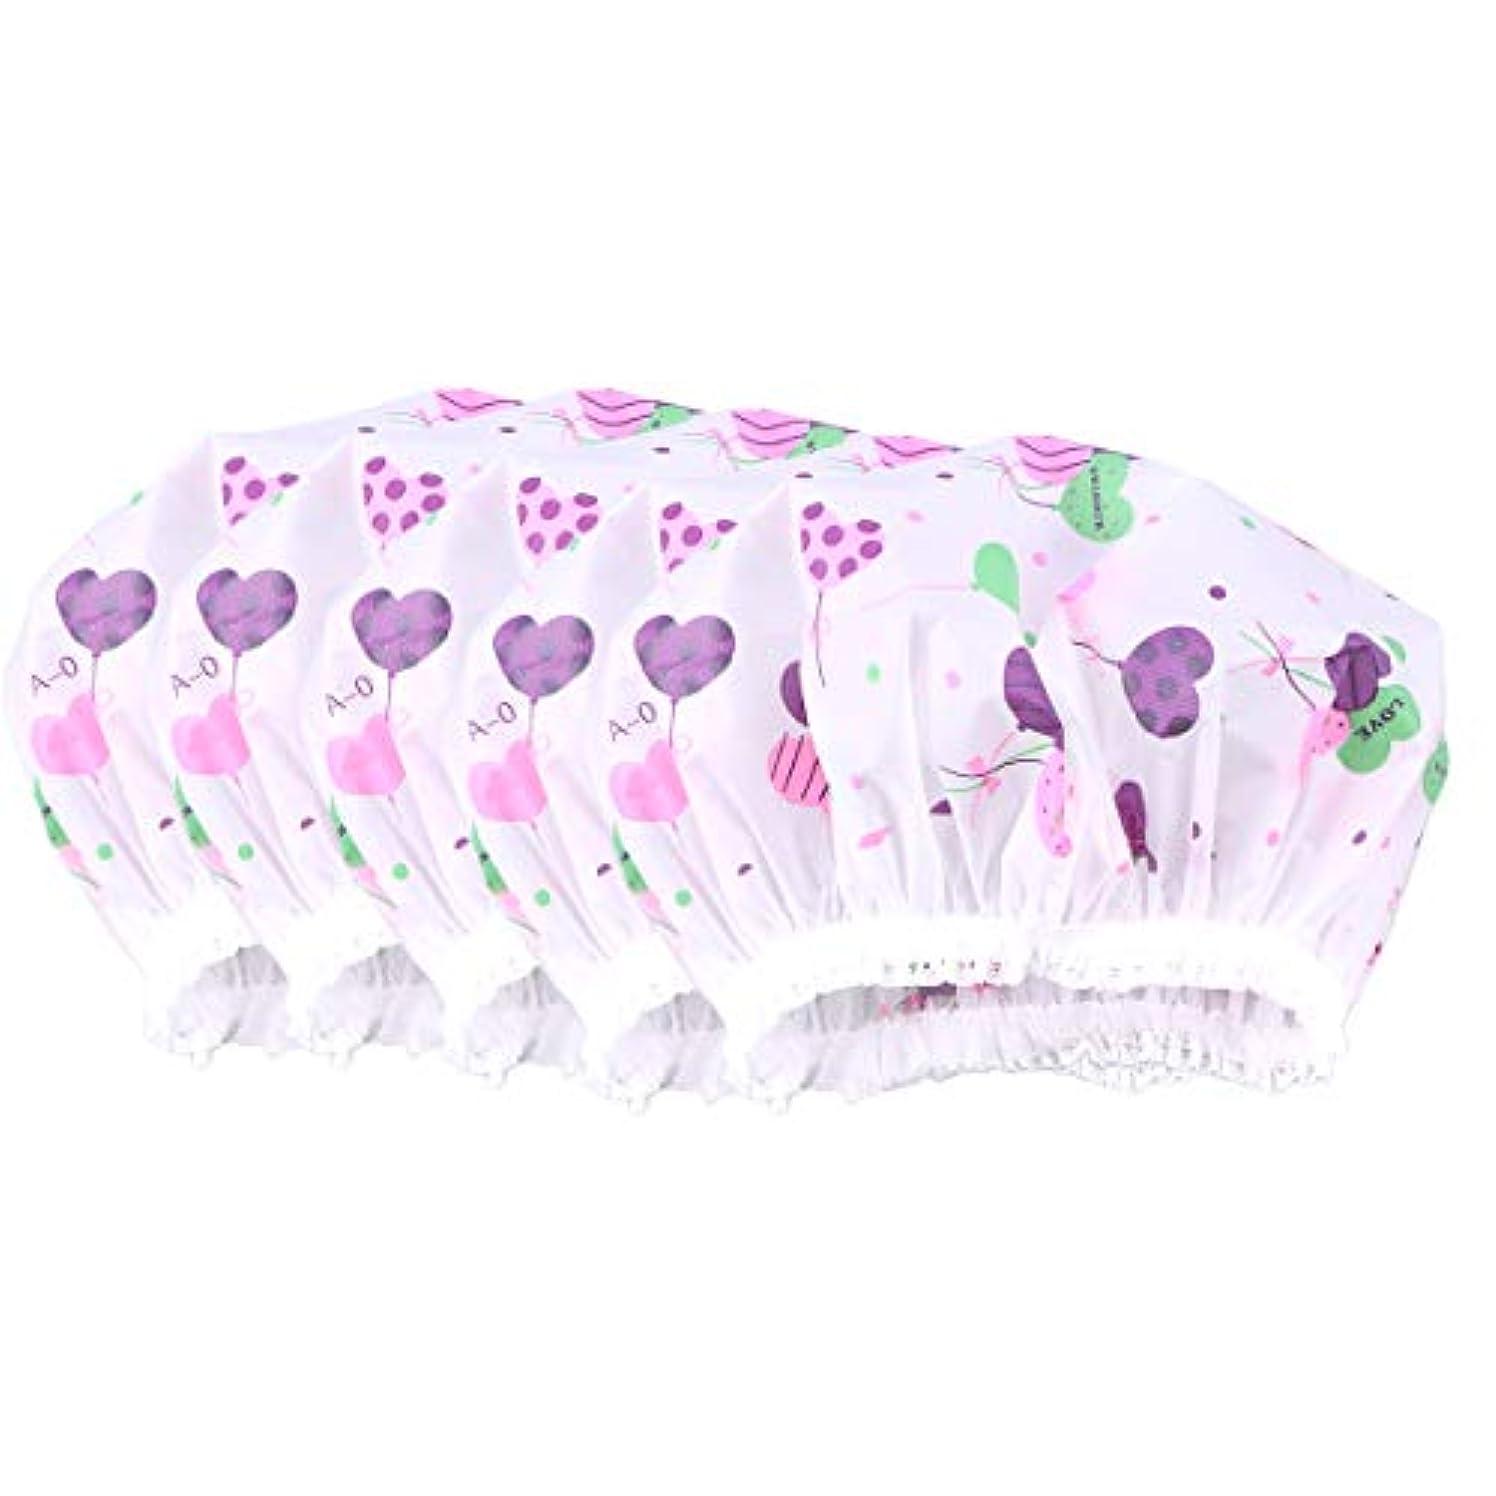 激怒不完全製造Healifty 10ピース防水レースシャワーキャップ防風バス帽子女の子女性レディ(ハート草パターン)